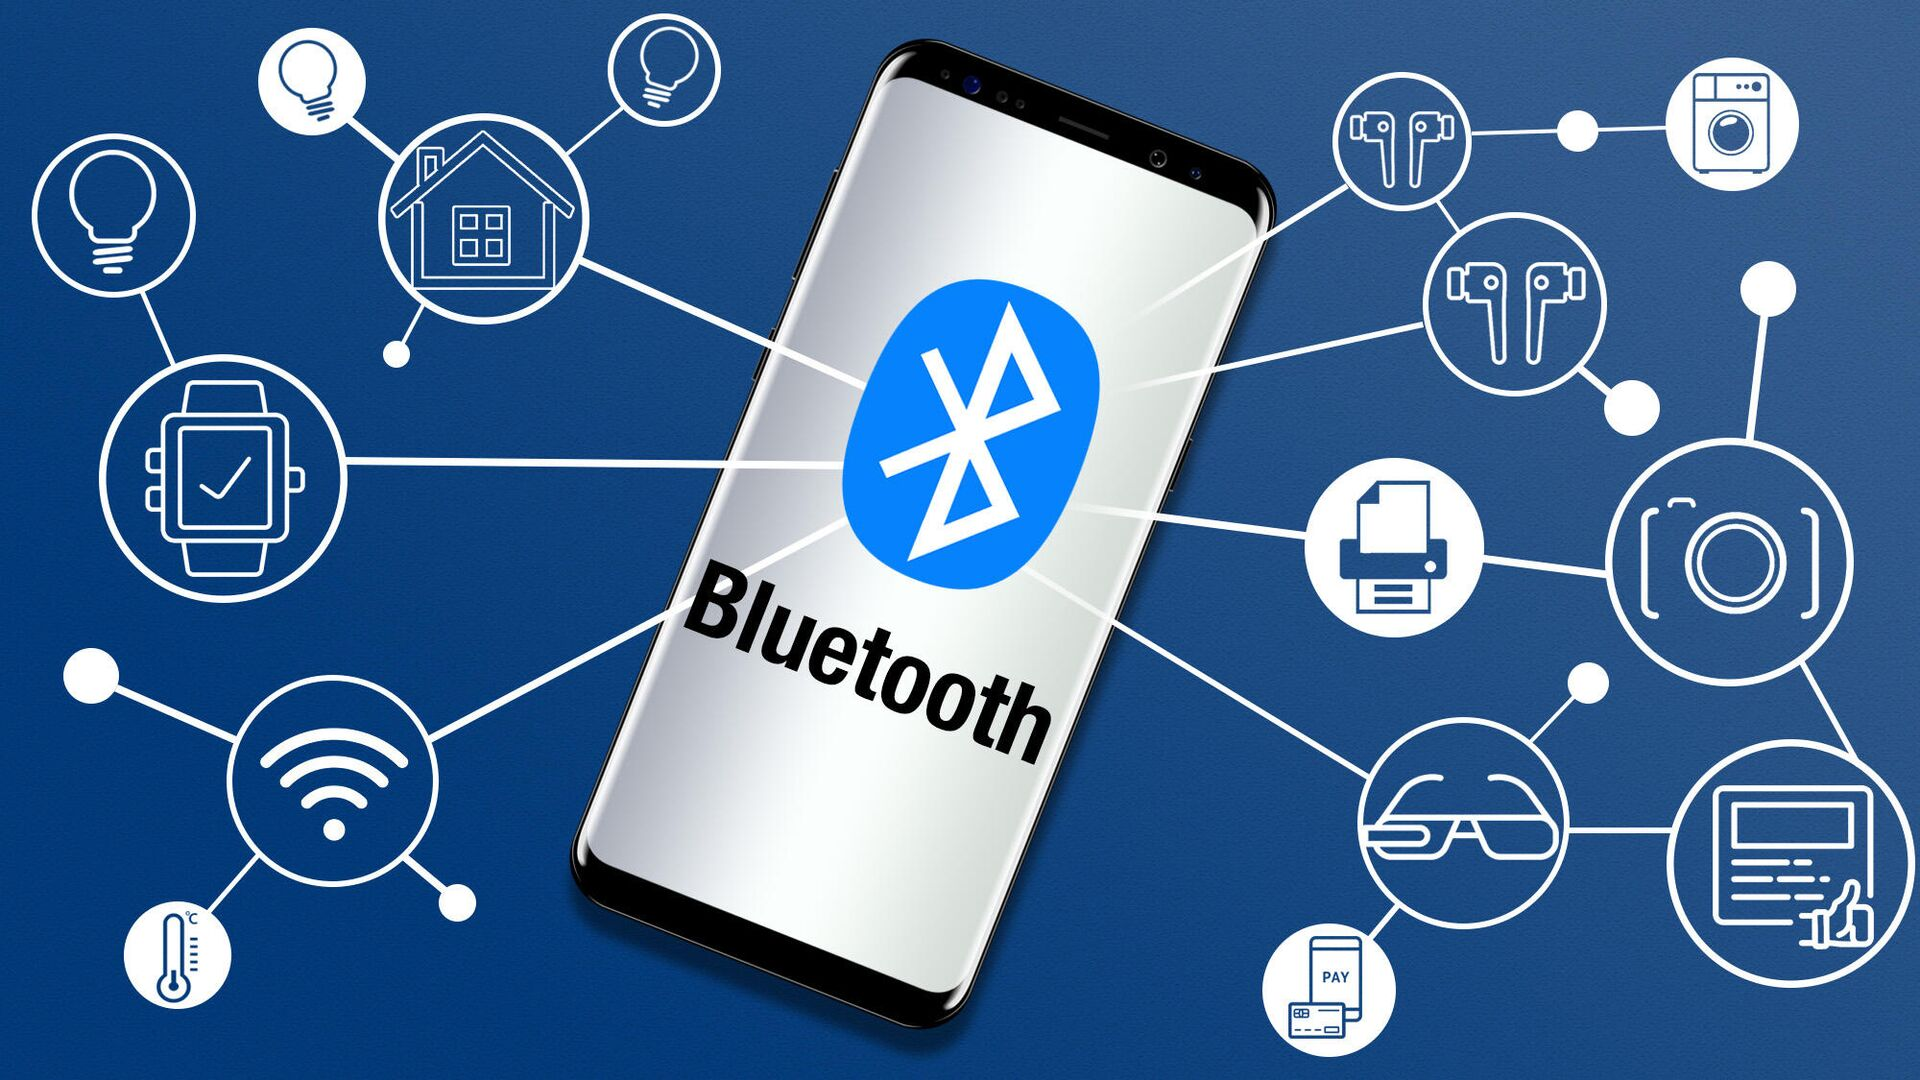 Bluetooth технология - РИА Новости, 1920, 08.10.2020